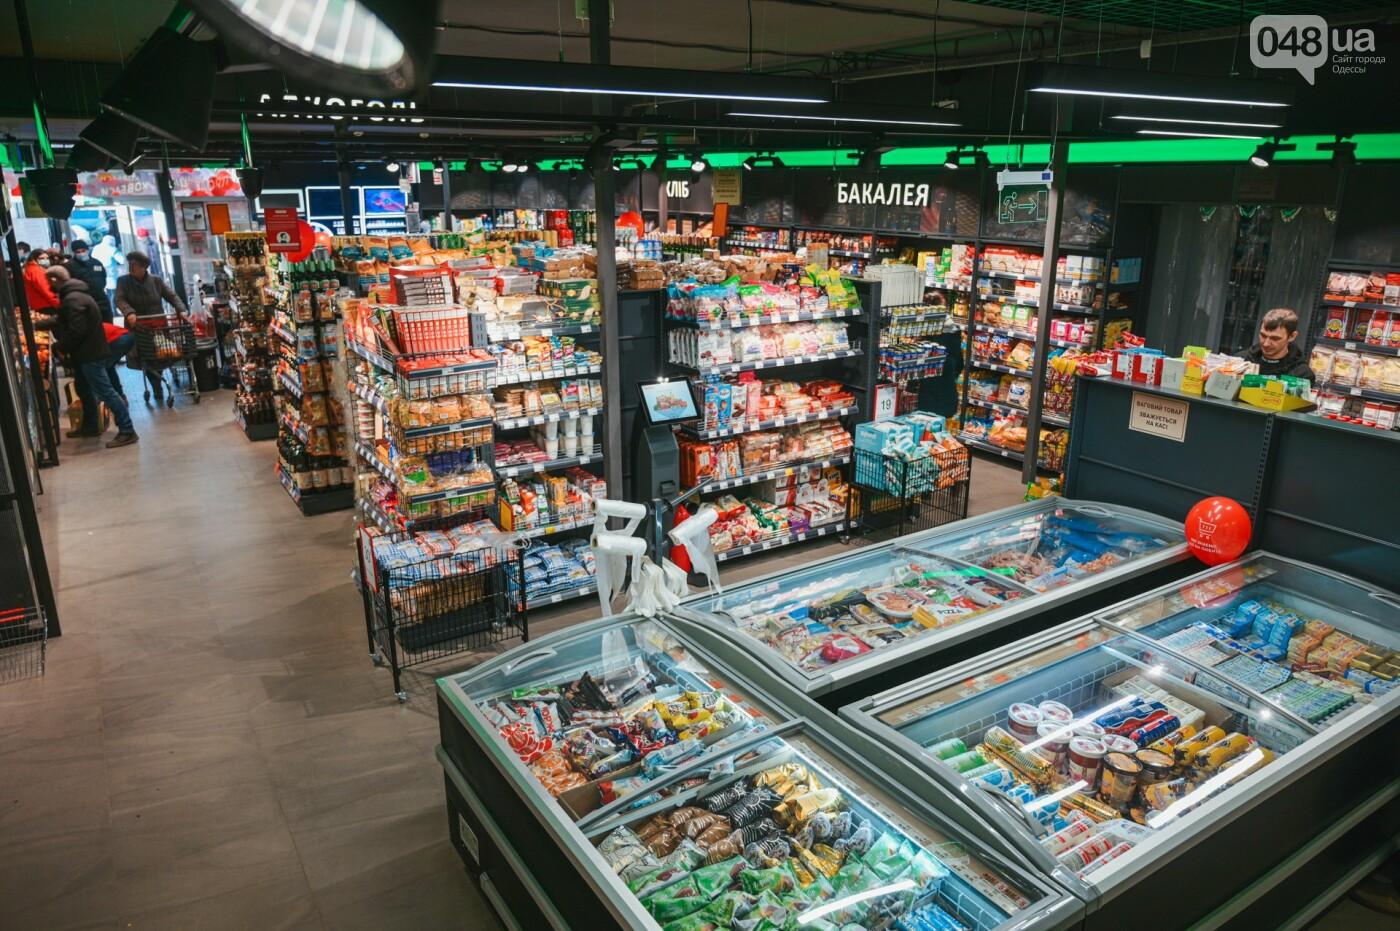 «ТАВРИЯ В» відкриває магазин у новому концепті, фото-1